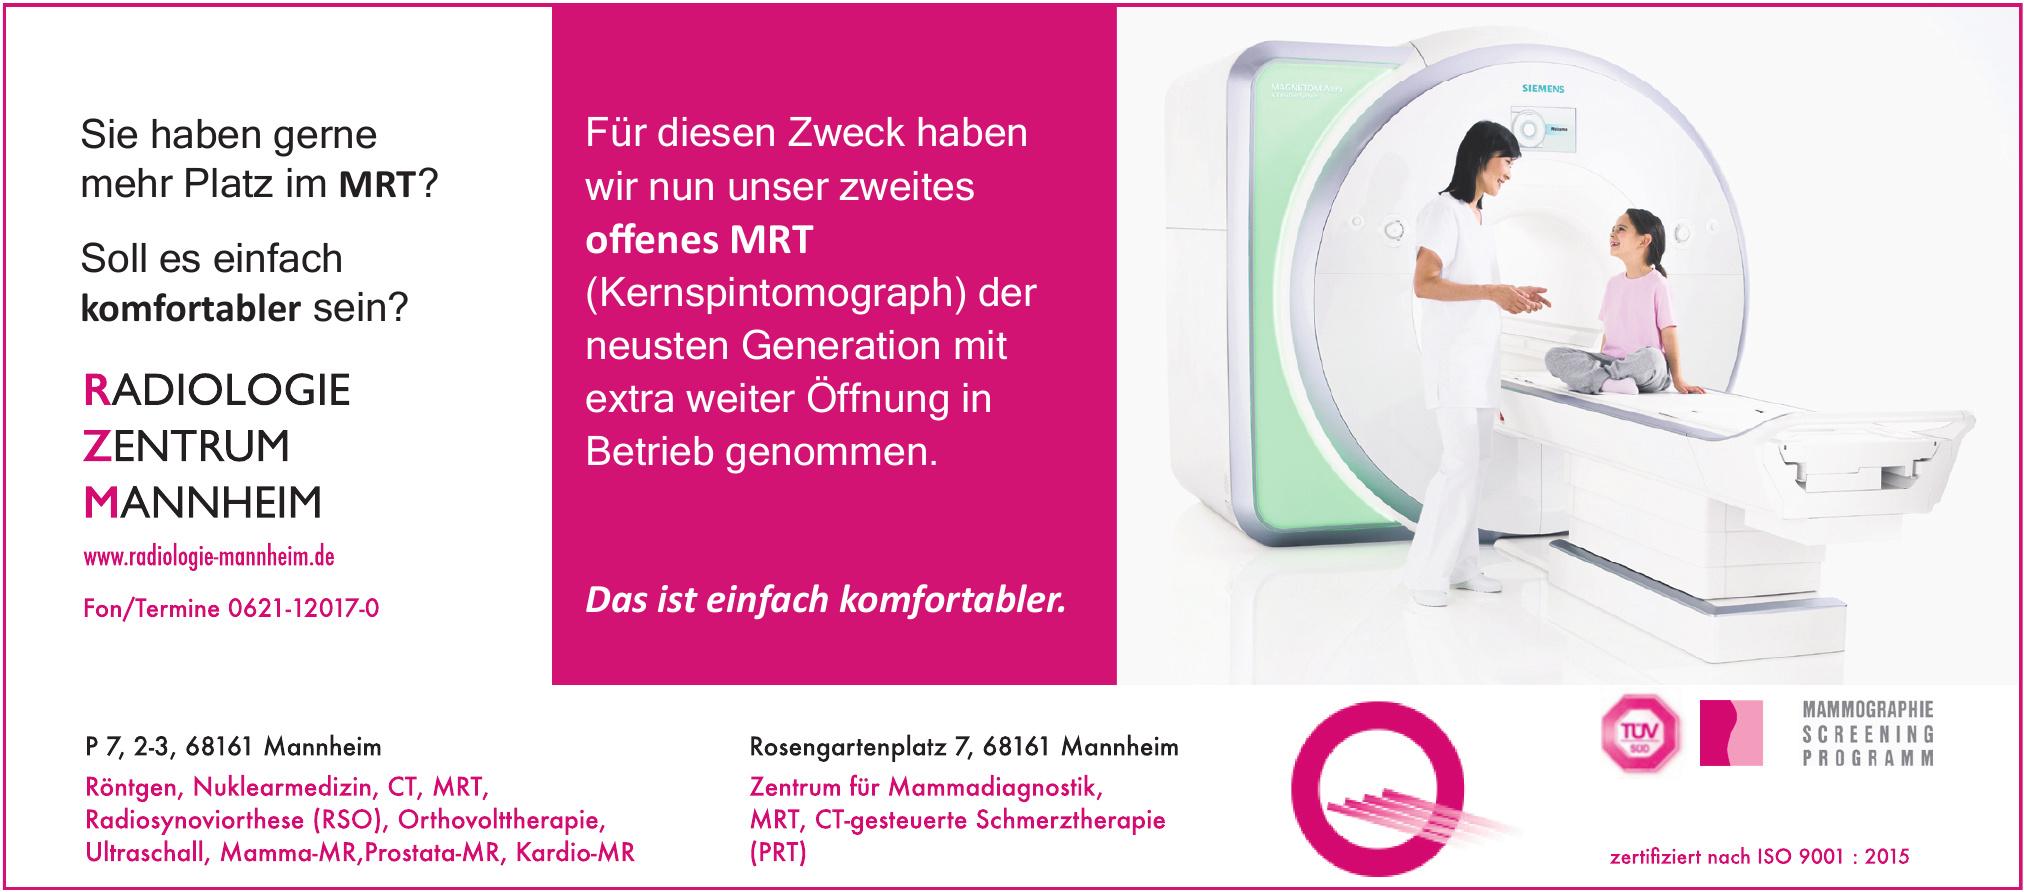 Radiologie Zentrum Mannheim